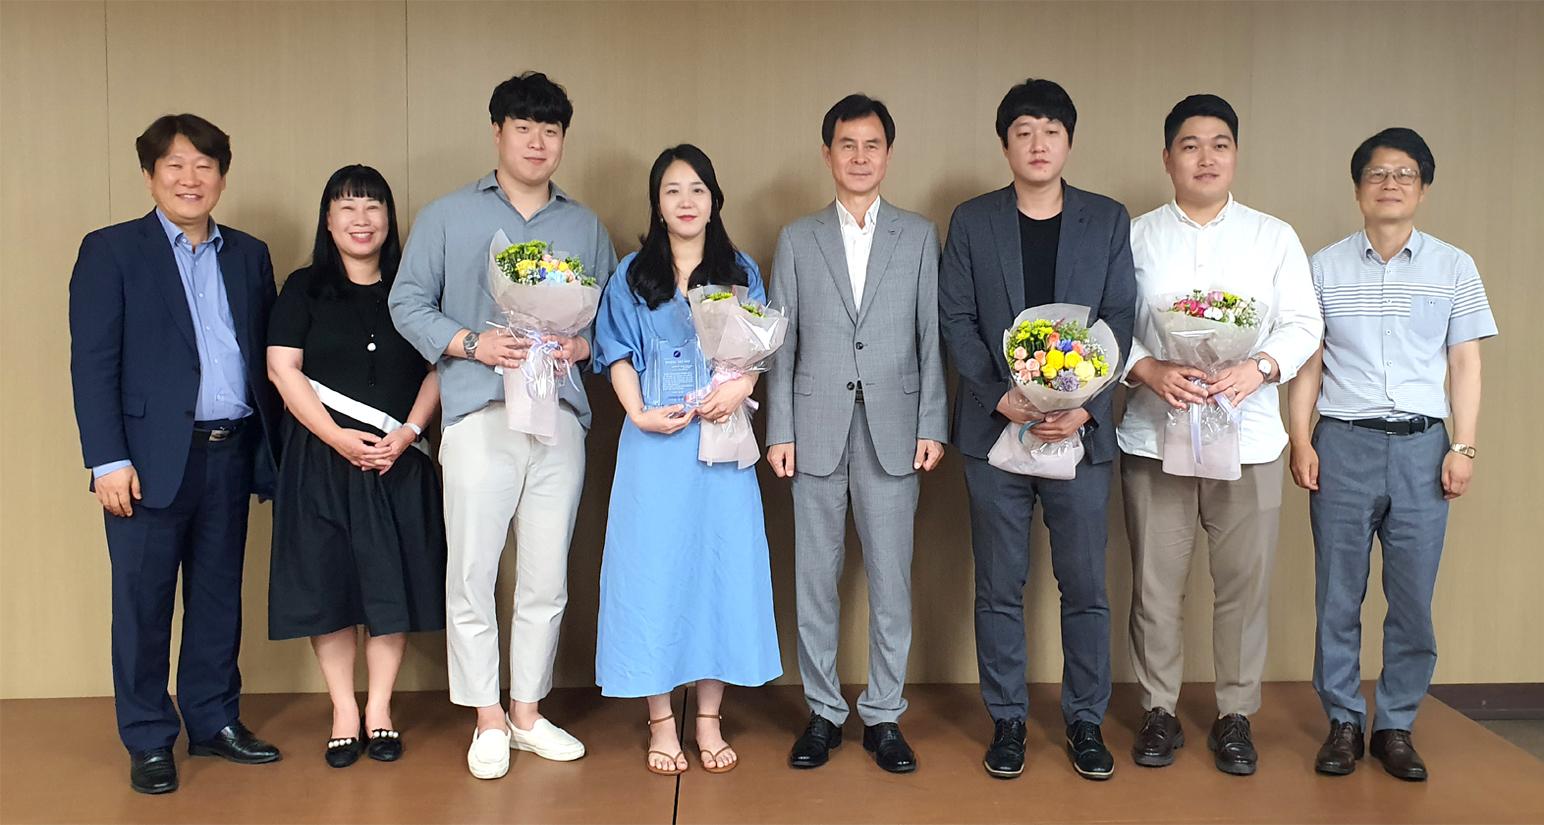 이해미·조훈희·김성현·이현제기자 '이달의 기자상' 수상